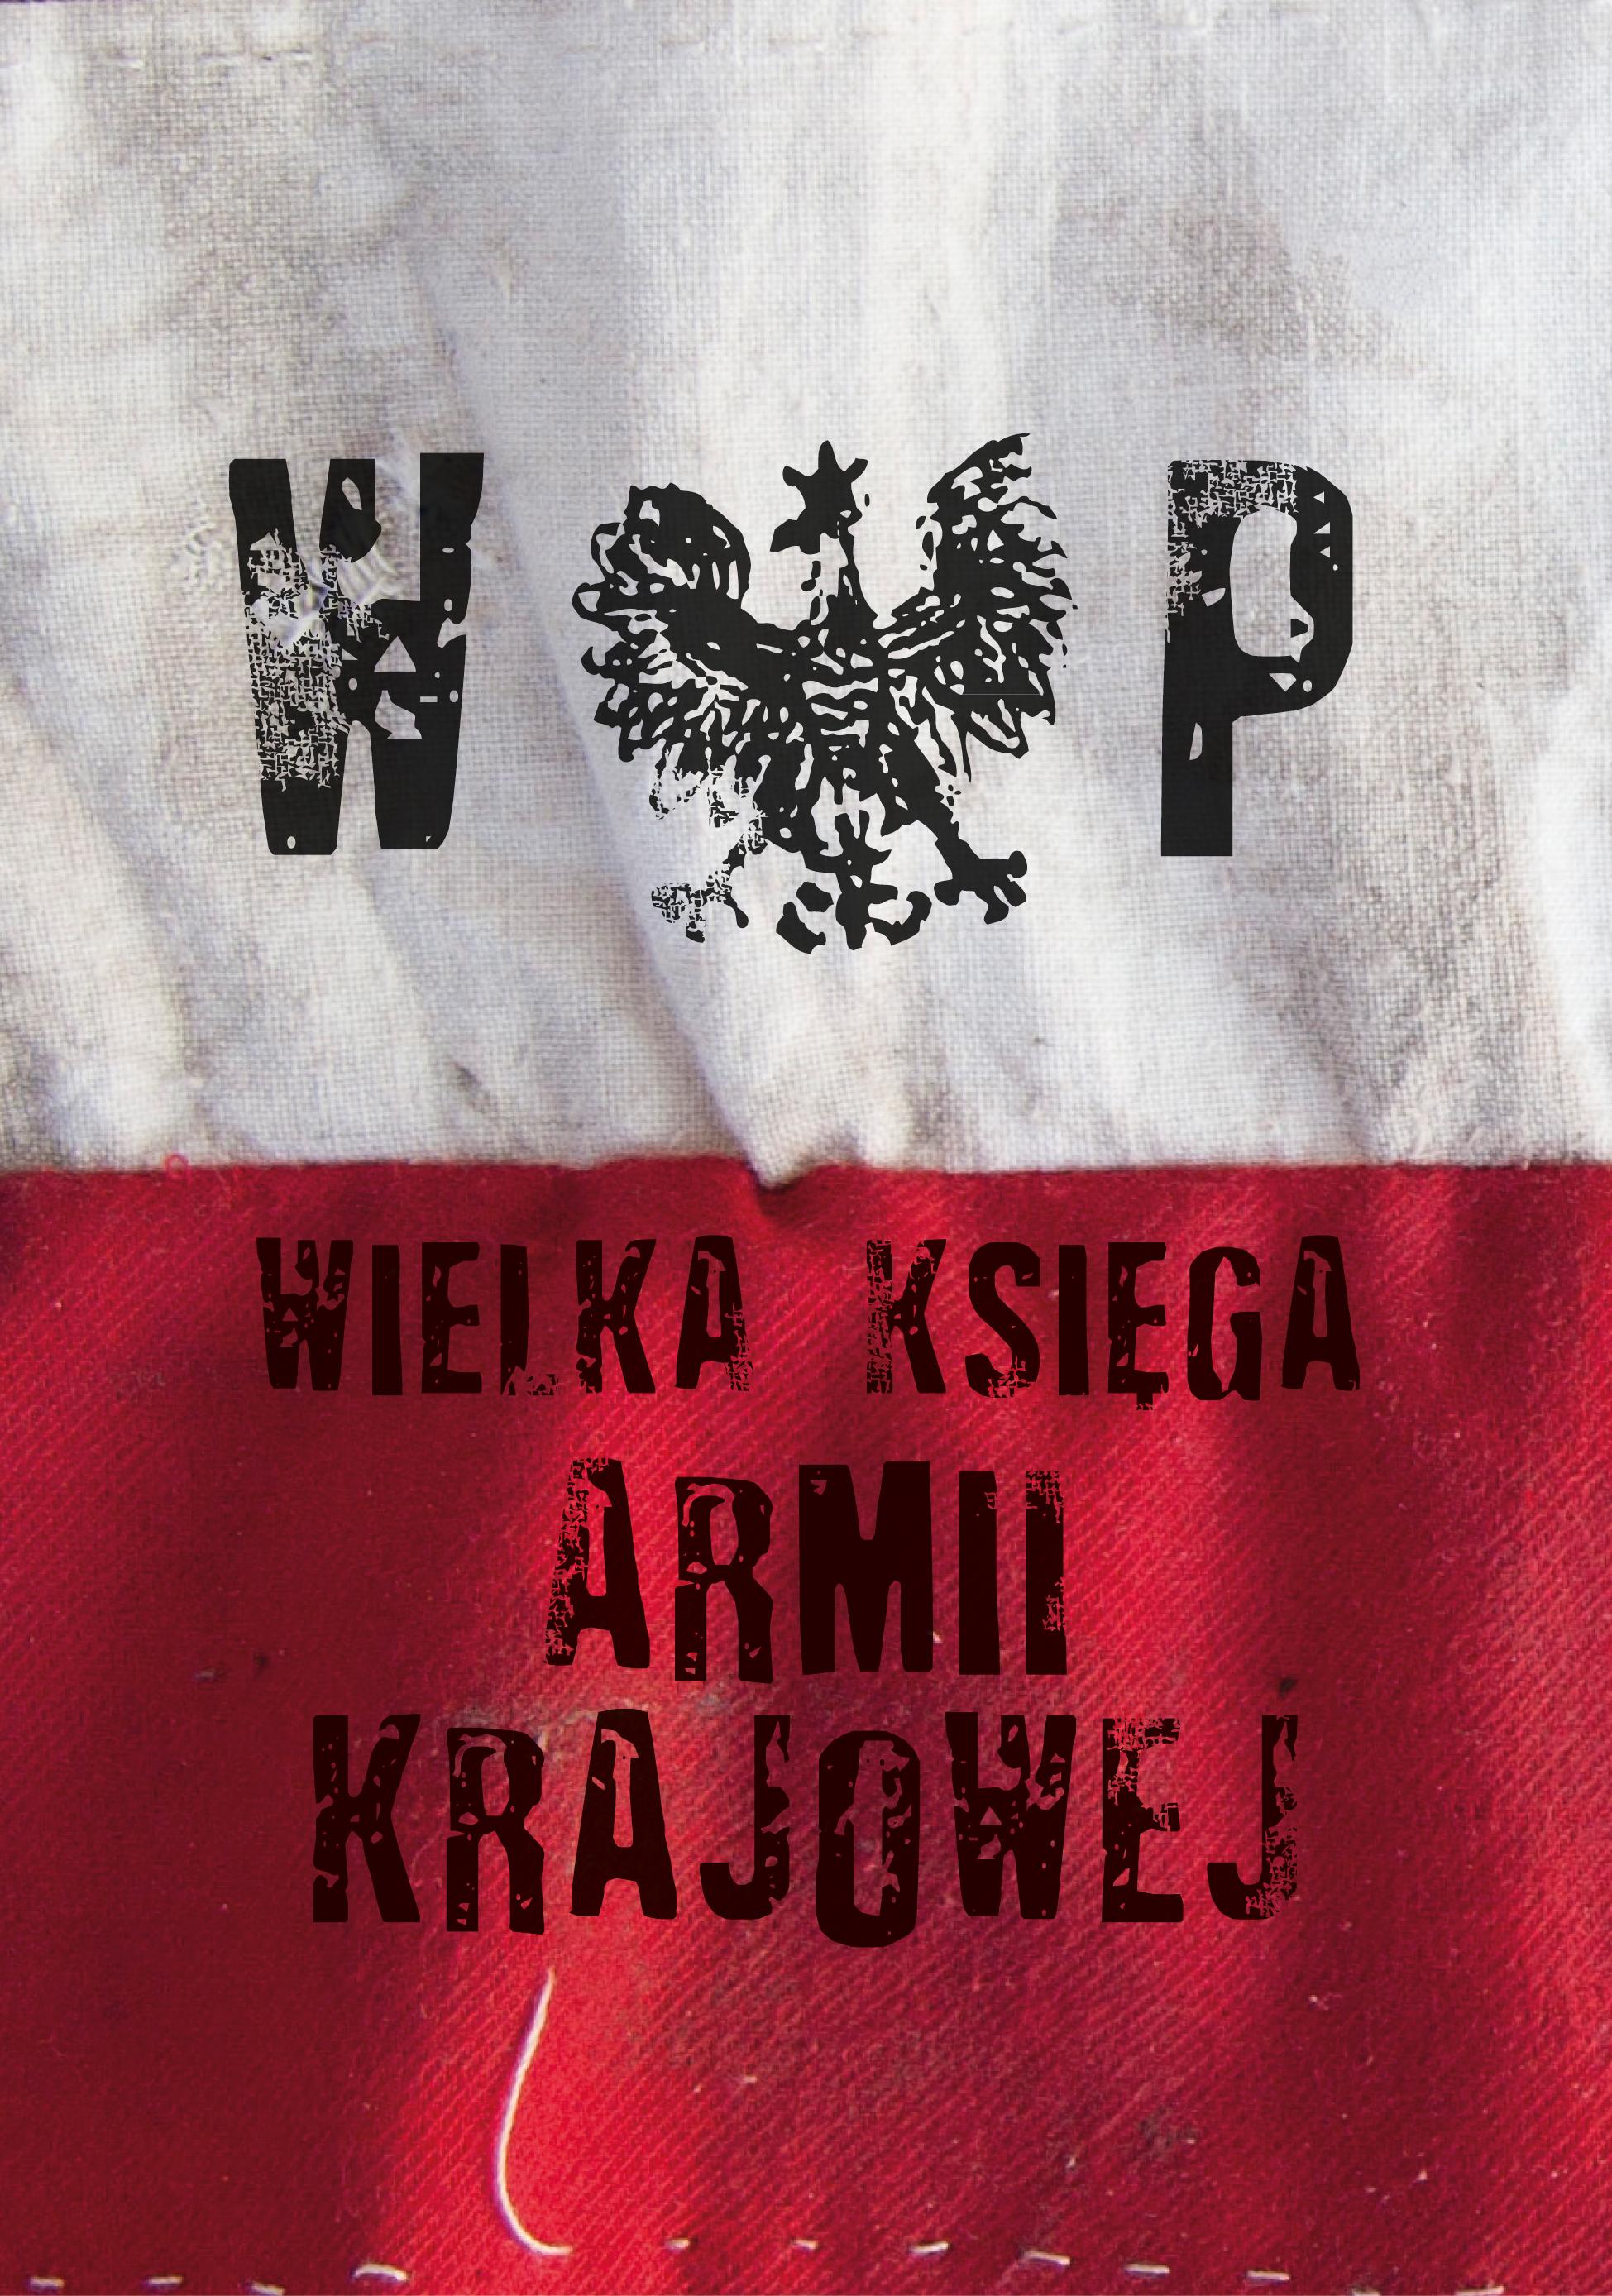 """Artykuł stanowi fragment pracy """"Wielka Księga Armii Krajowej"""", wydanej nakładem wydawnictwa Znak Horyzont."""